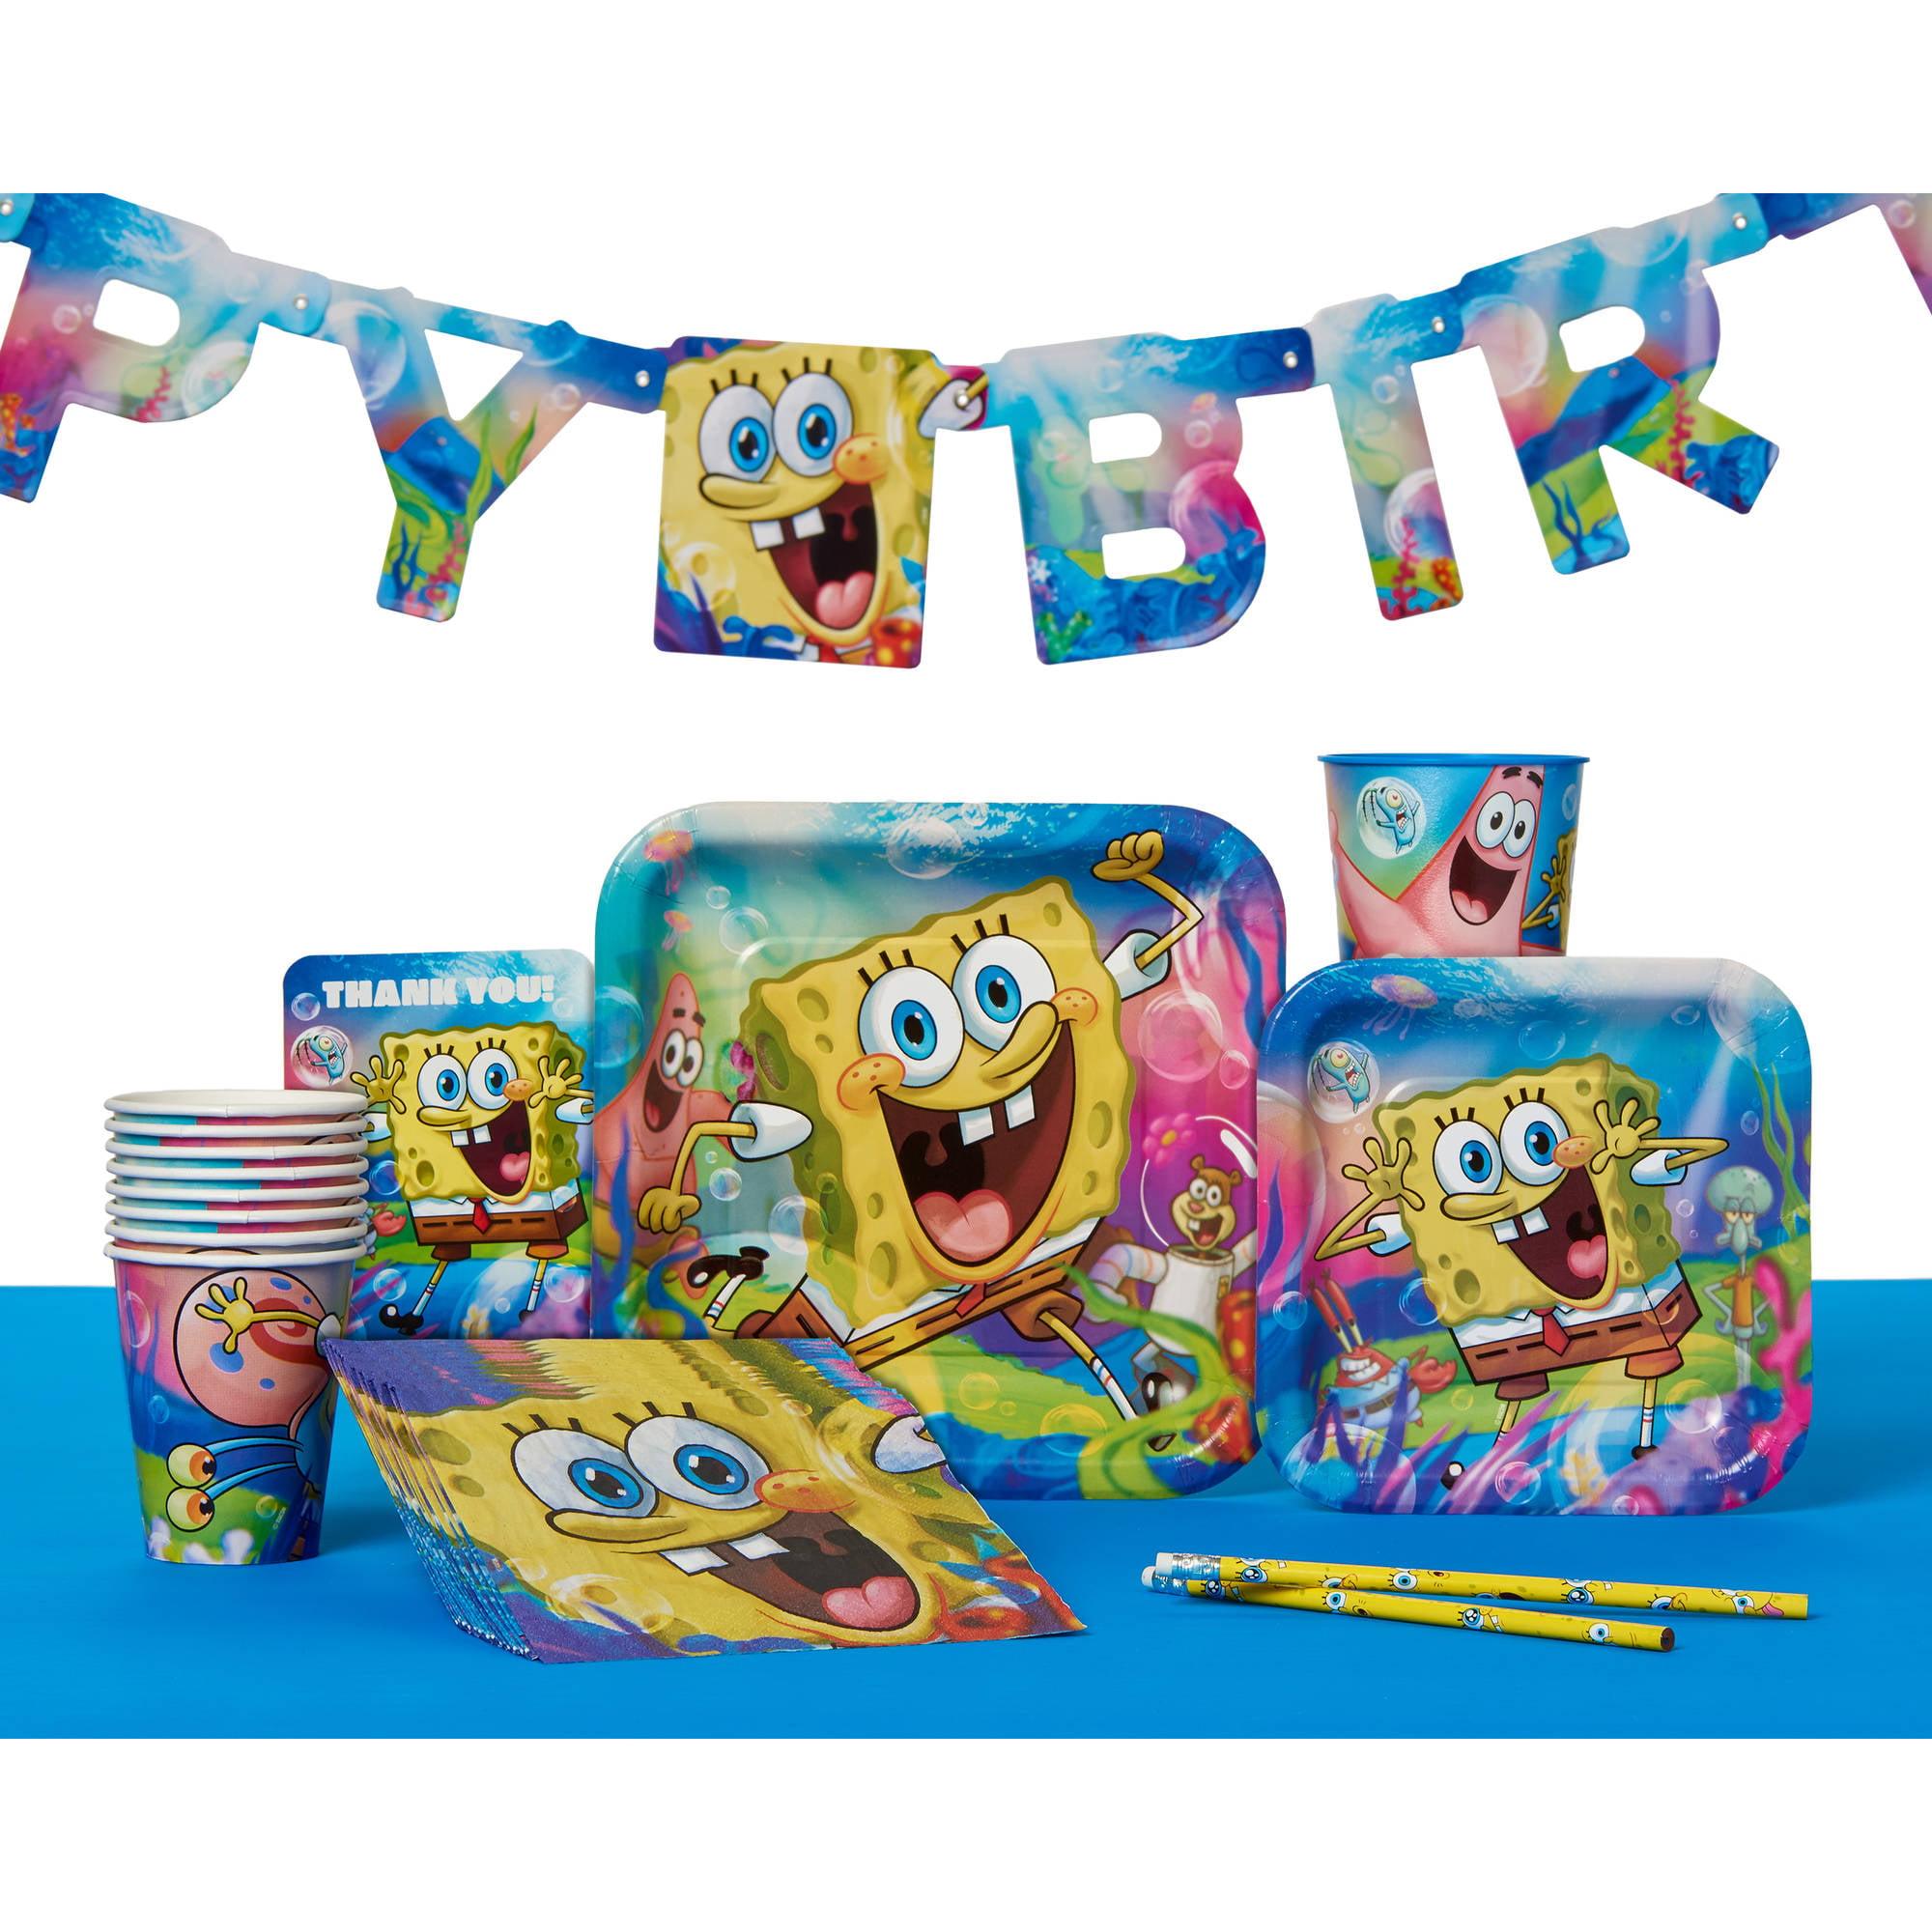 sc 1 st  Walmart.com & SpongeBob SquarePants Party Hats 8ct - Walmart.com